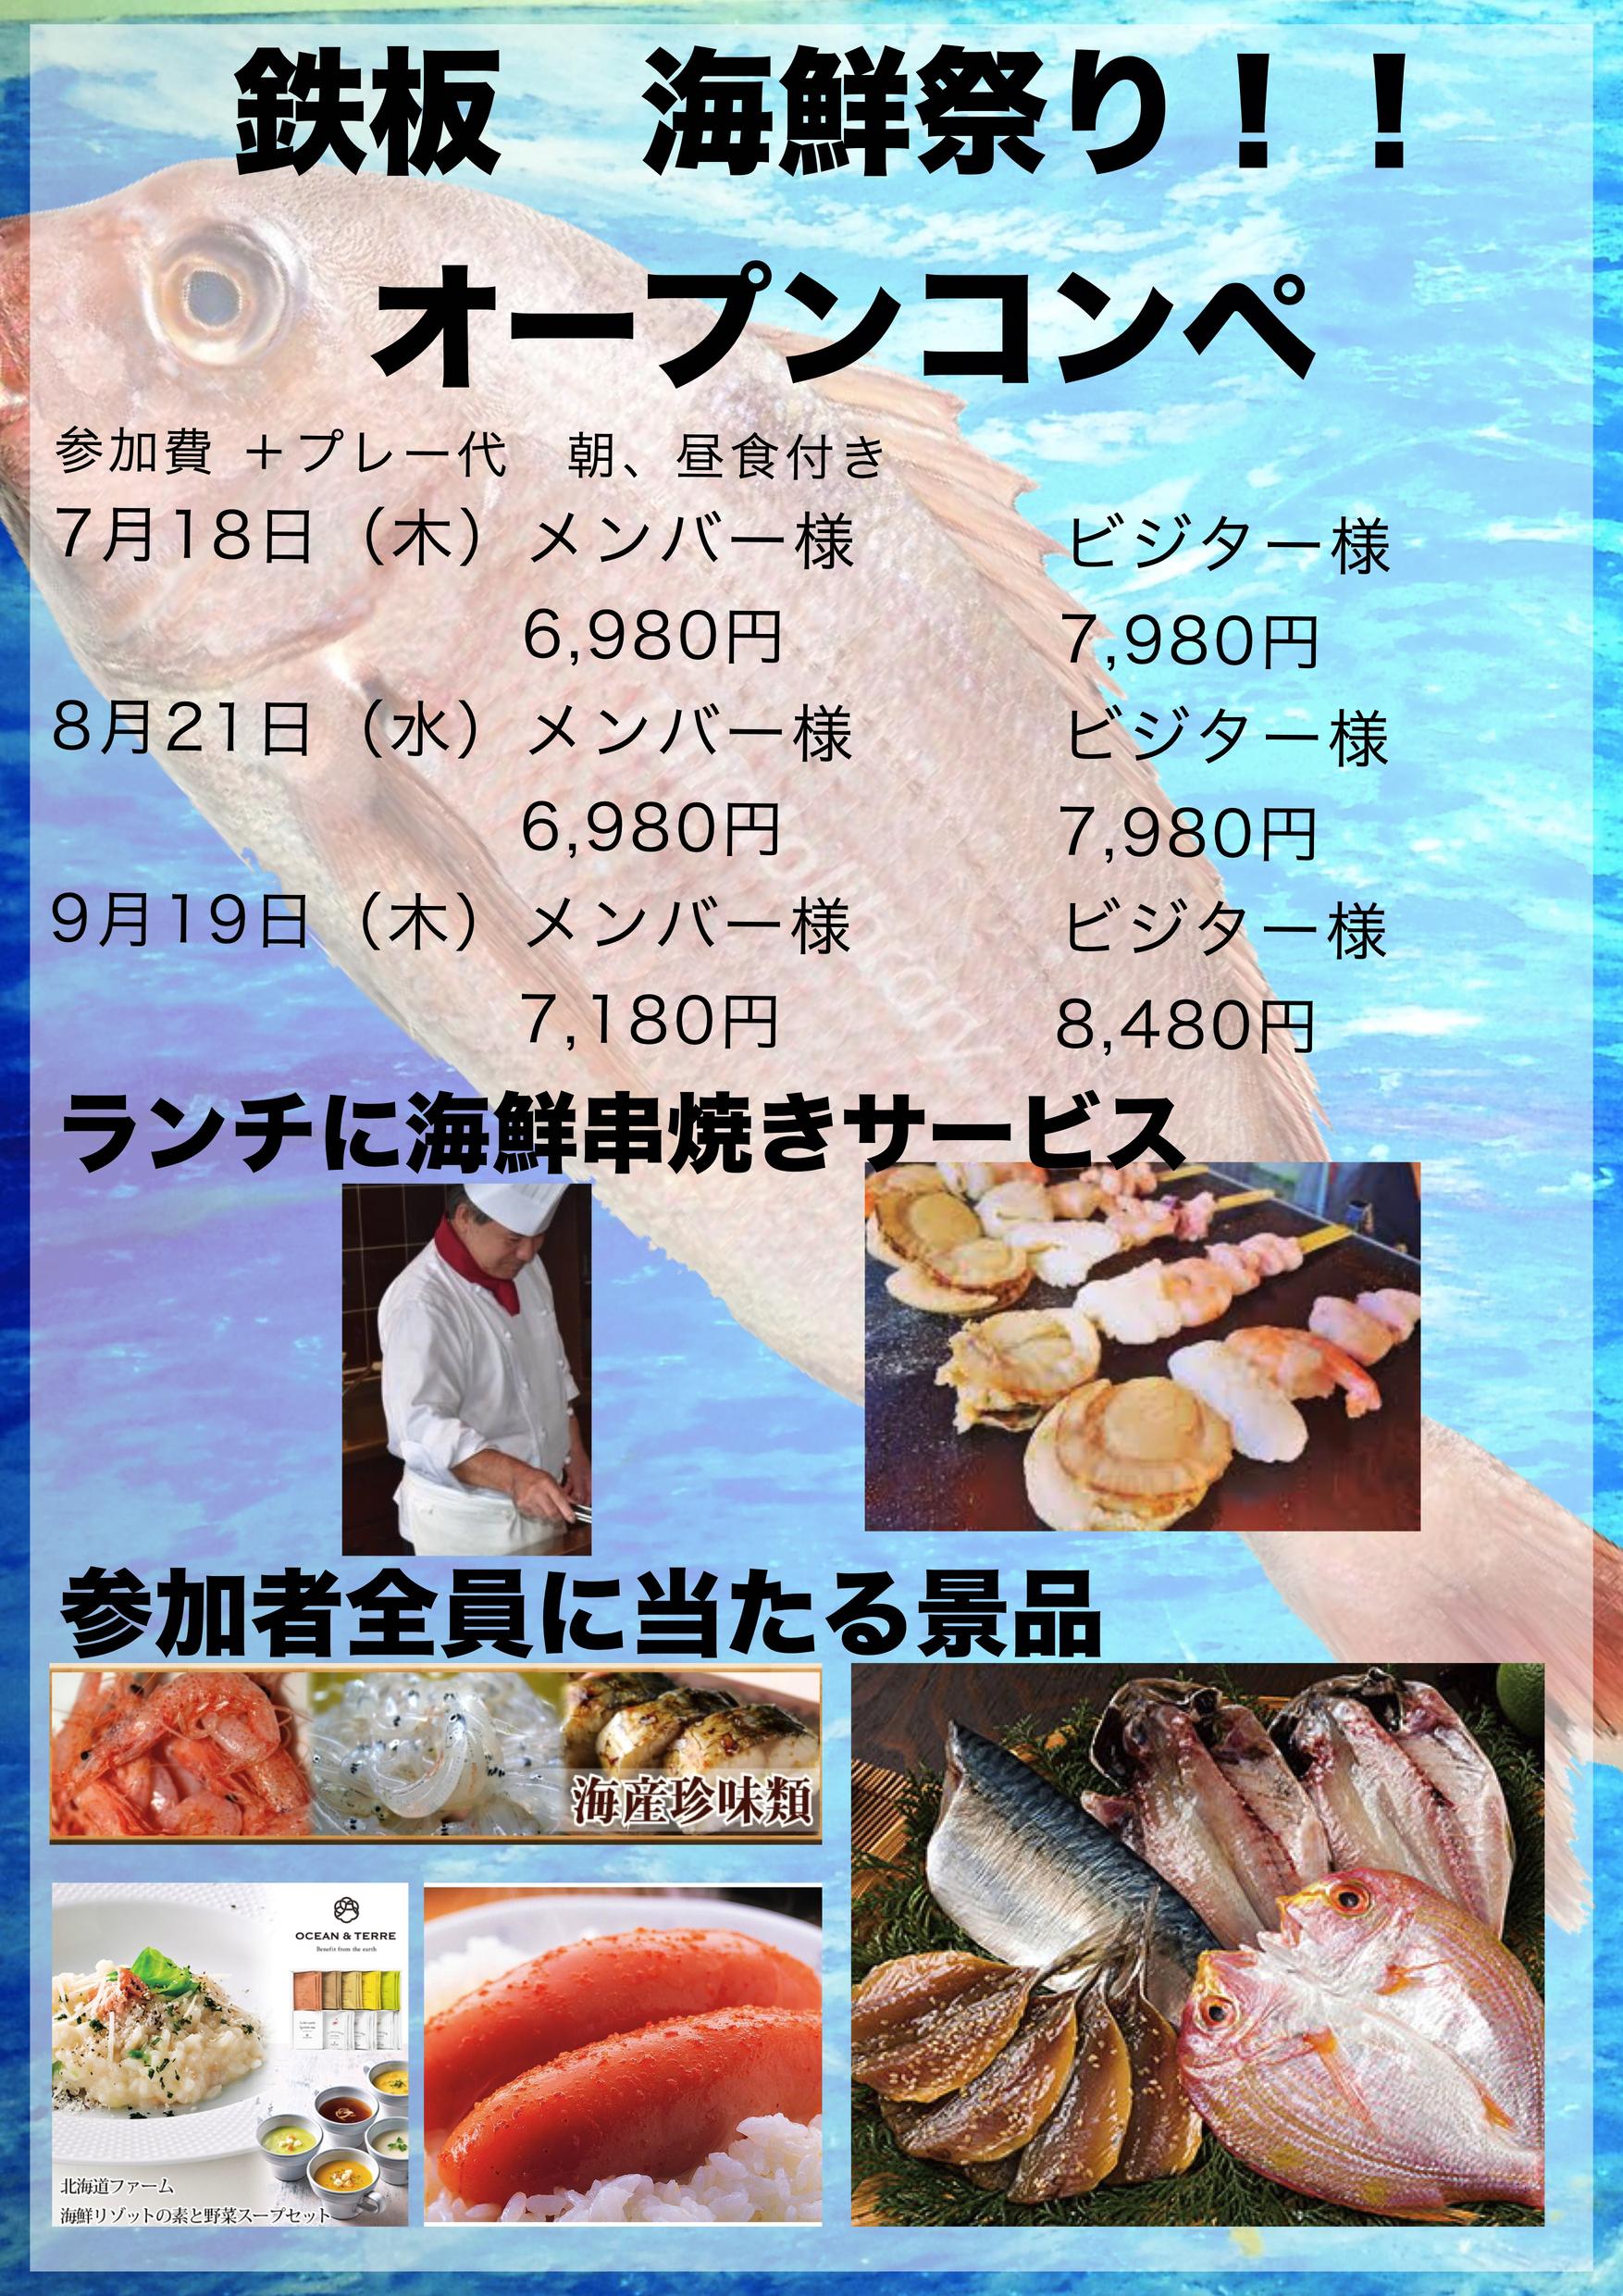 7月から鉄板海鮮オープンコンペ開催!!